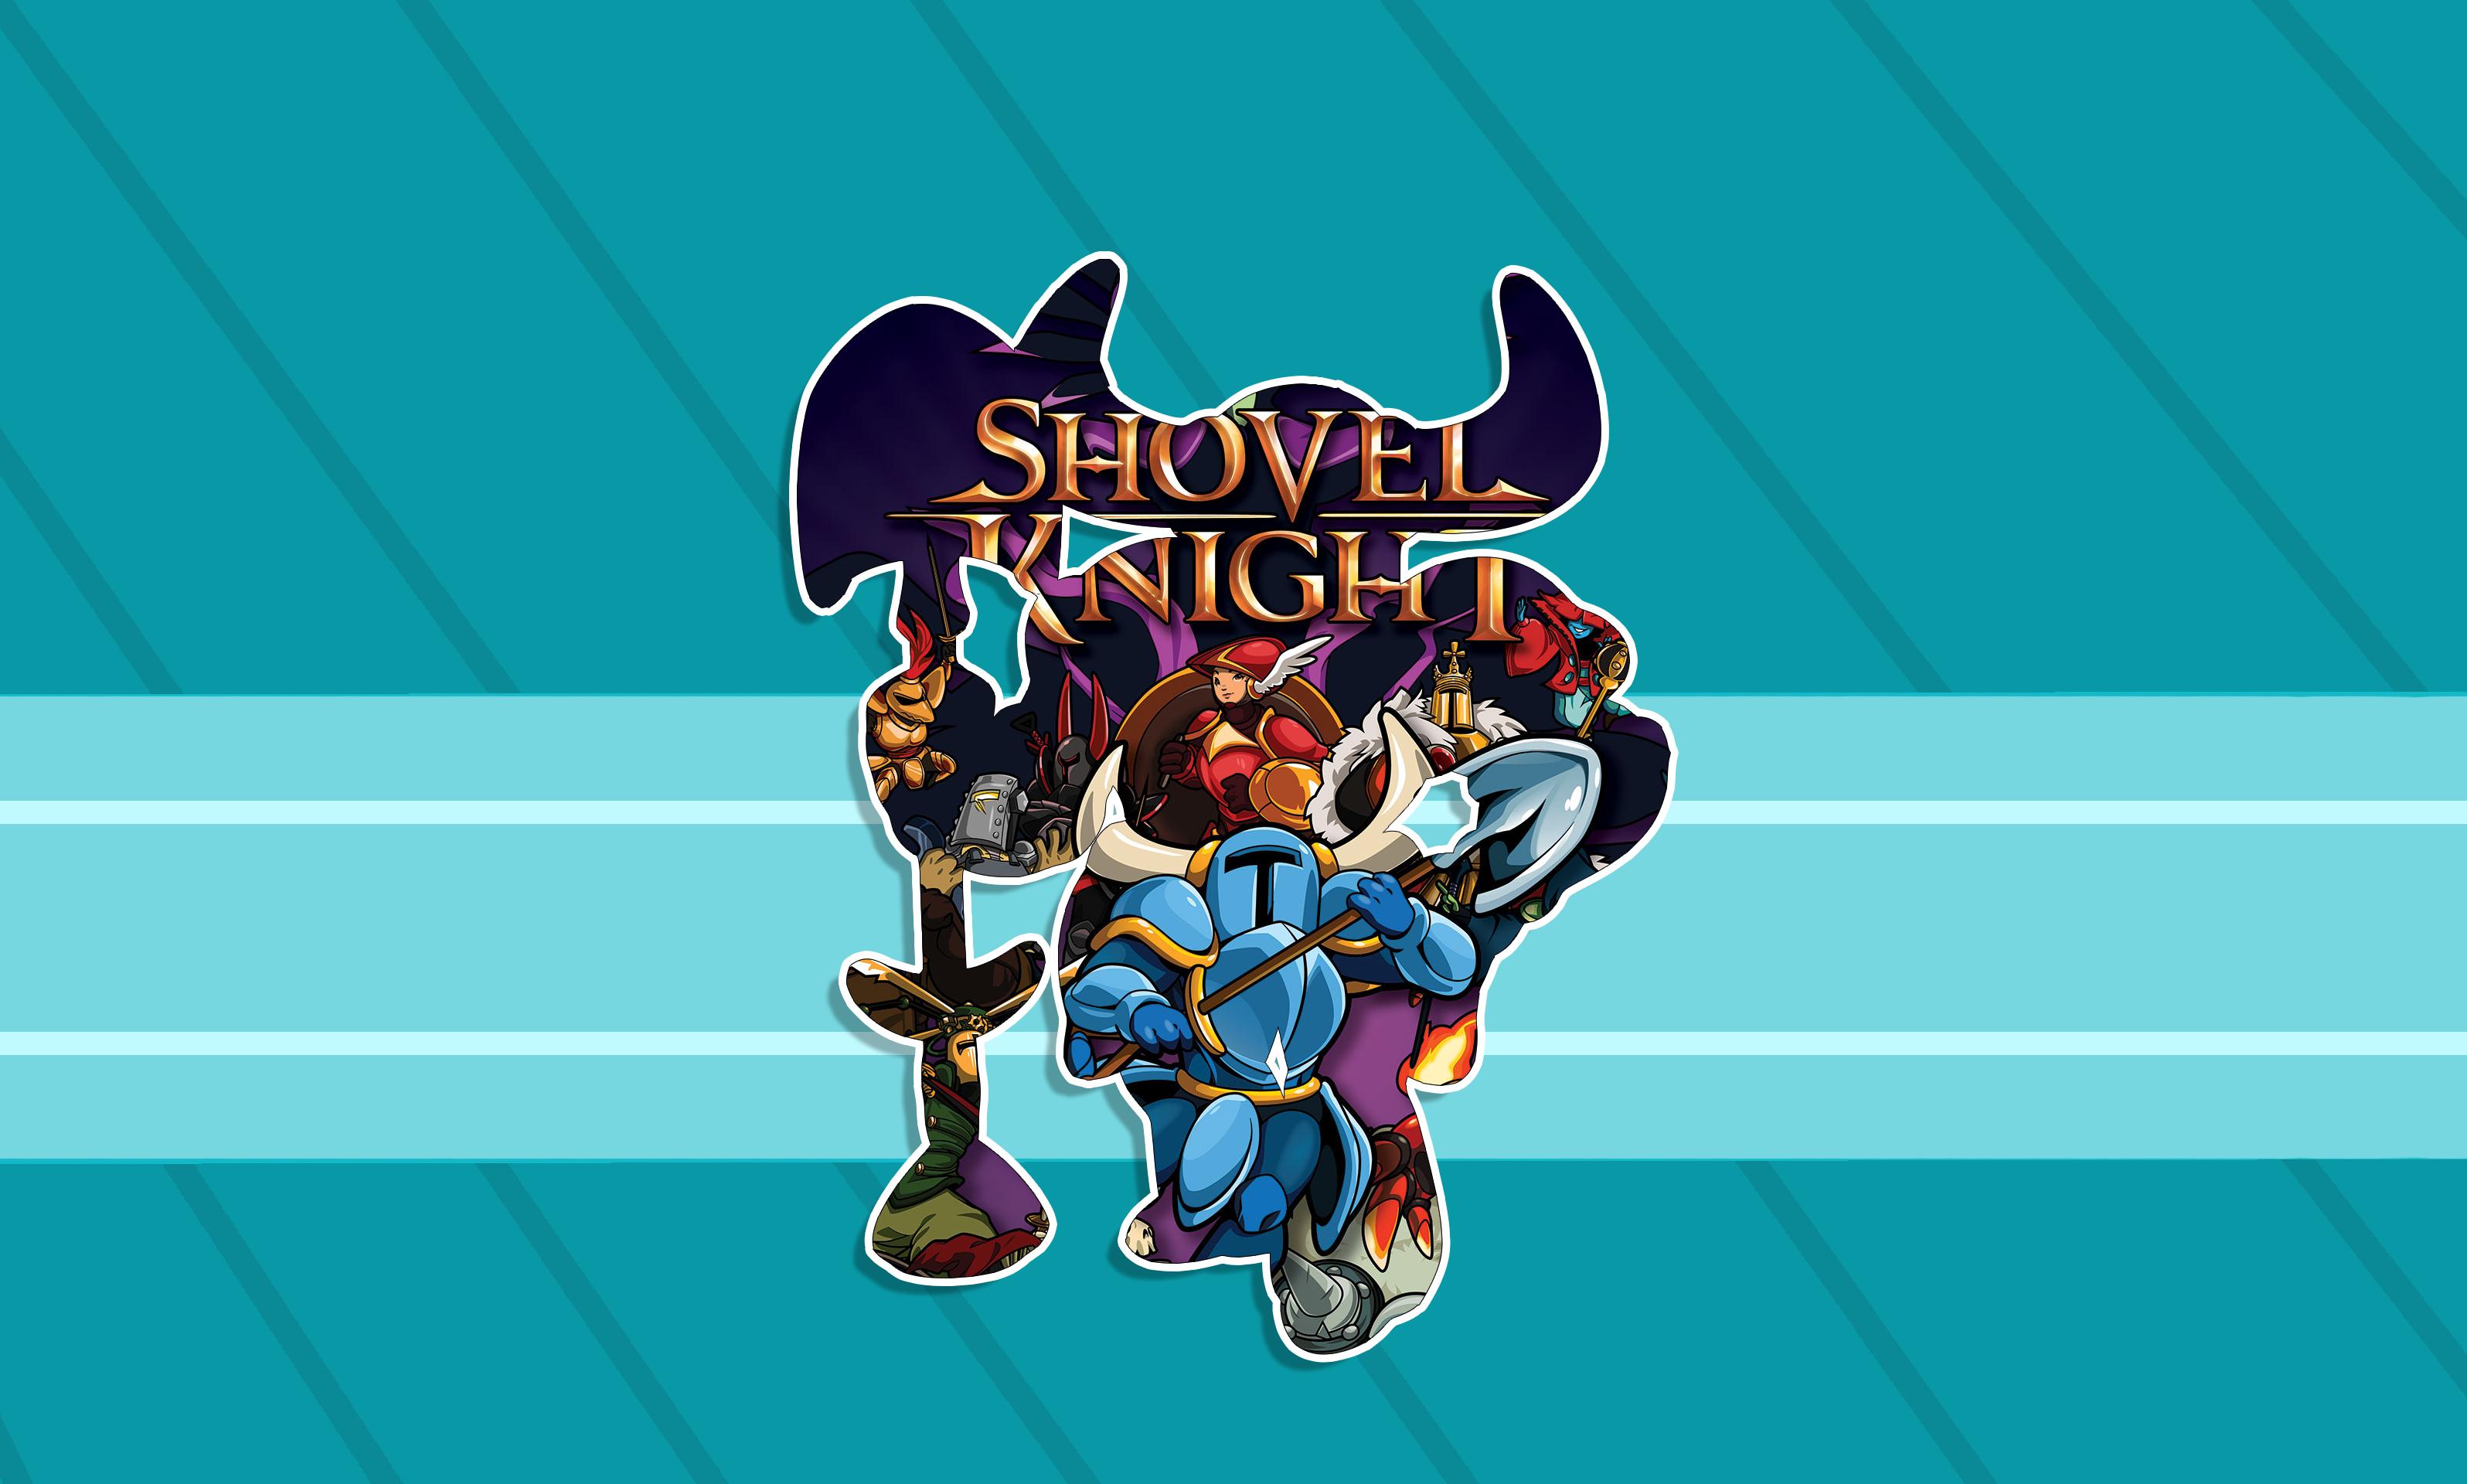 Shovel Knight Wallpaper I Made Music Indieartist Chicago Shovel Knight Knight Shovel